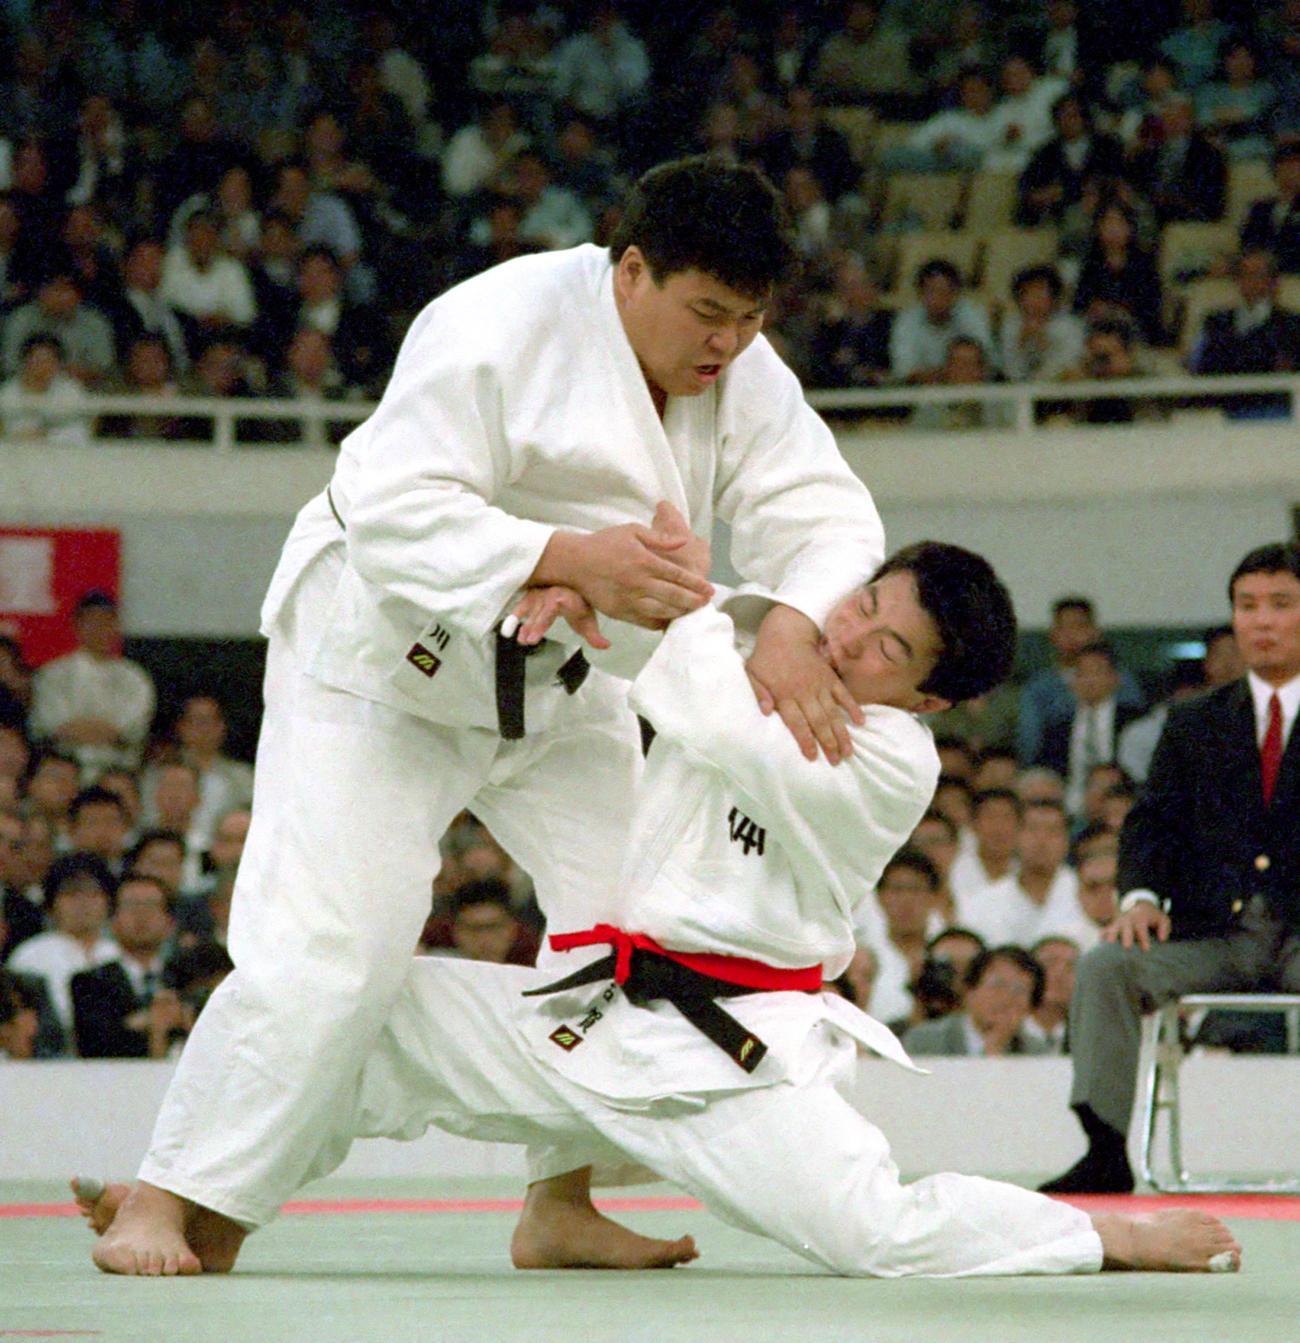 90年4月、全日本選手権決勝で小川直也(左)と対戦した古賀稔彦さん。小川は193センチ、130キロ、古賀さんは169センチ、76キロで2人の体重差は54キロだった